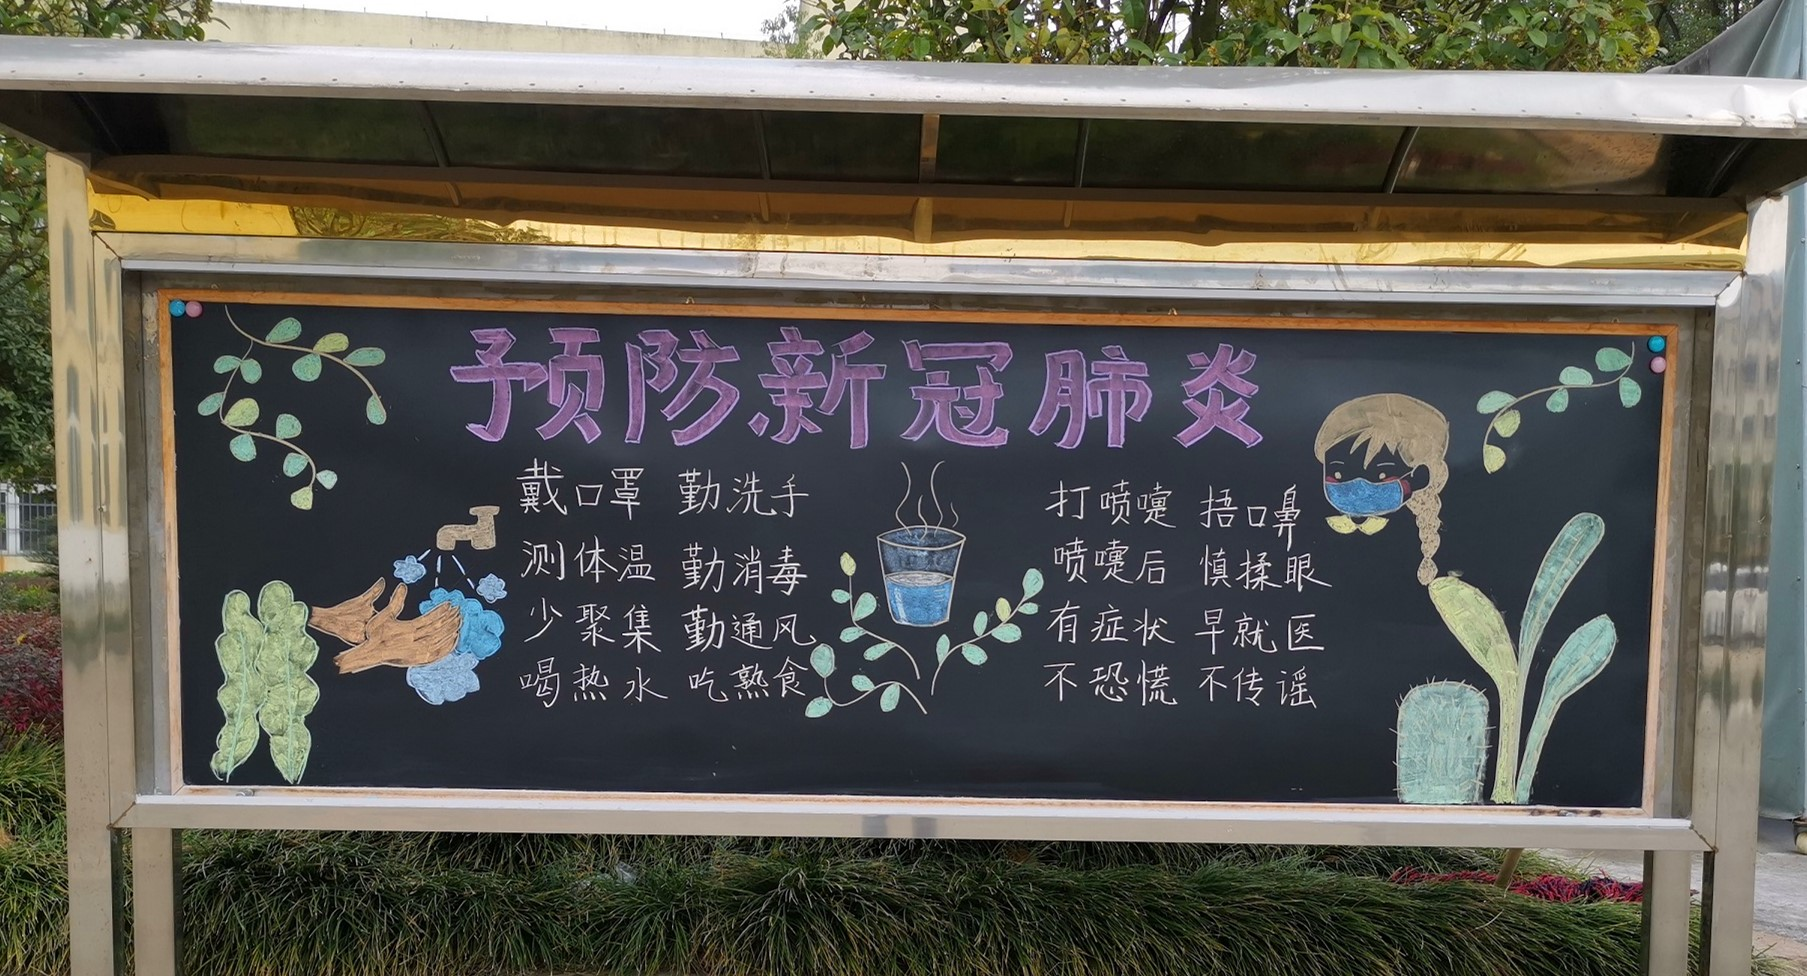 第15期黑板报_副本